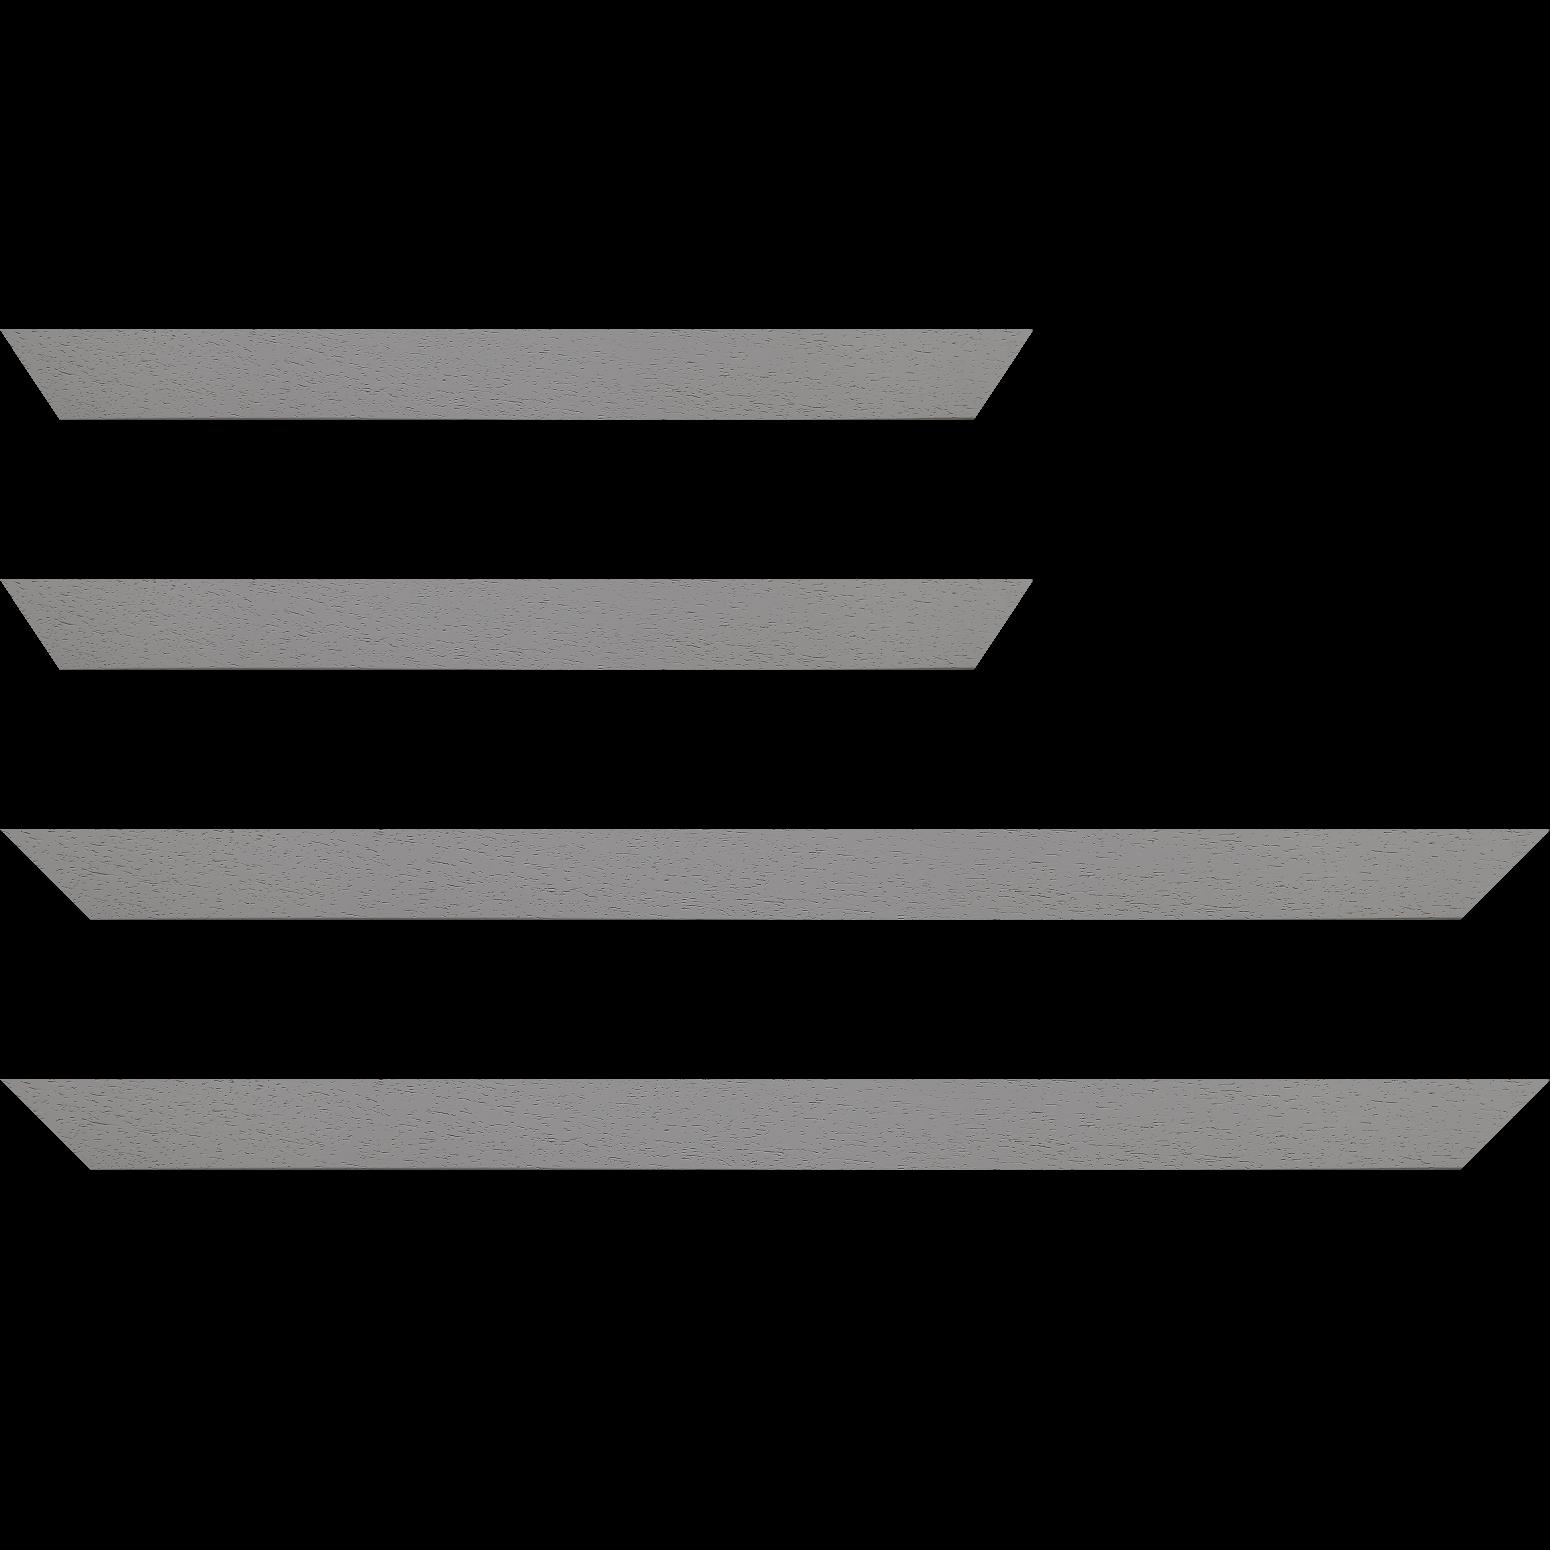 Baguette service précoupé Bois profil plat largeur 3cm couleur gris clair satiné